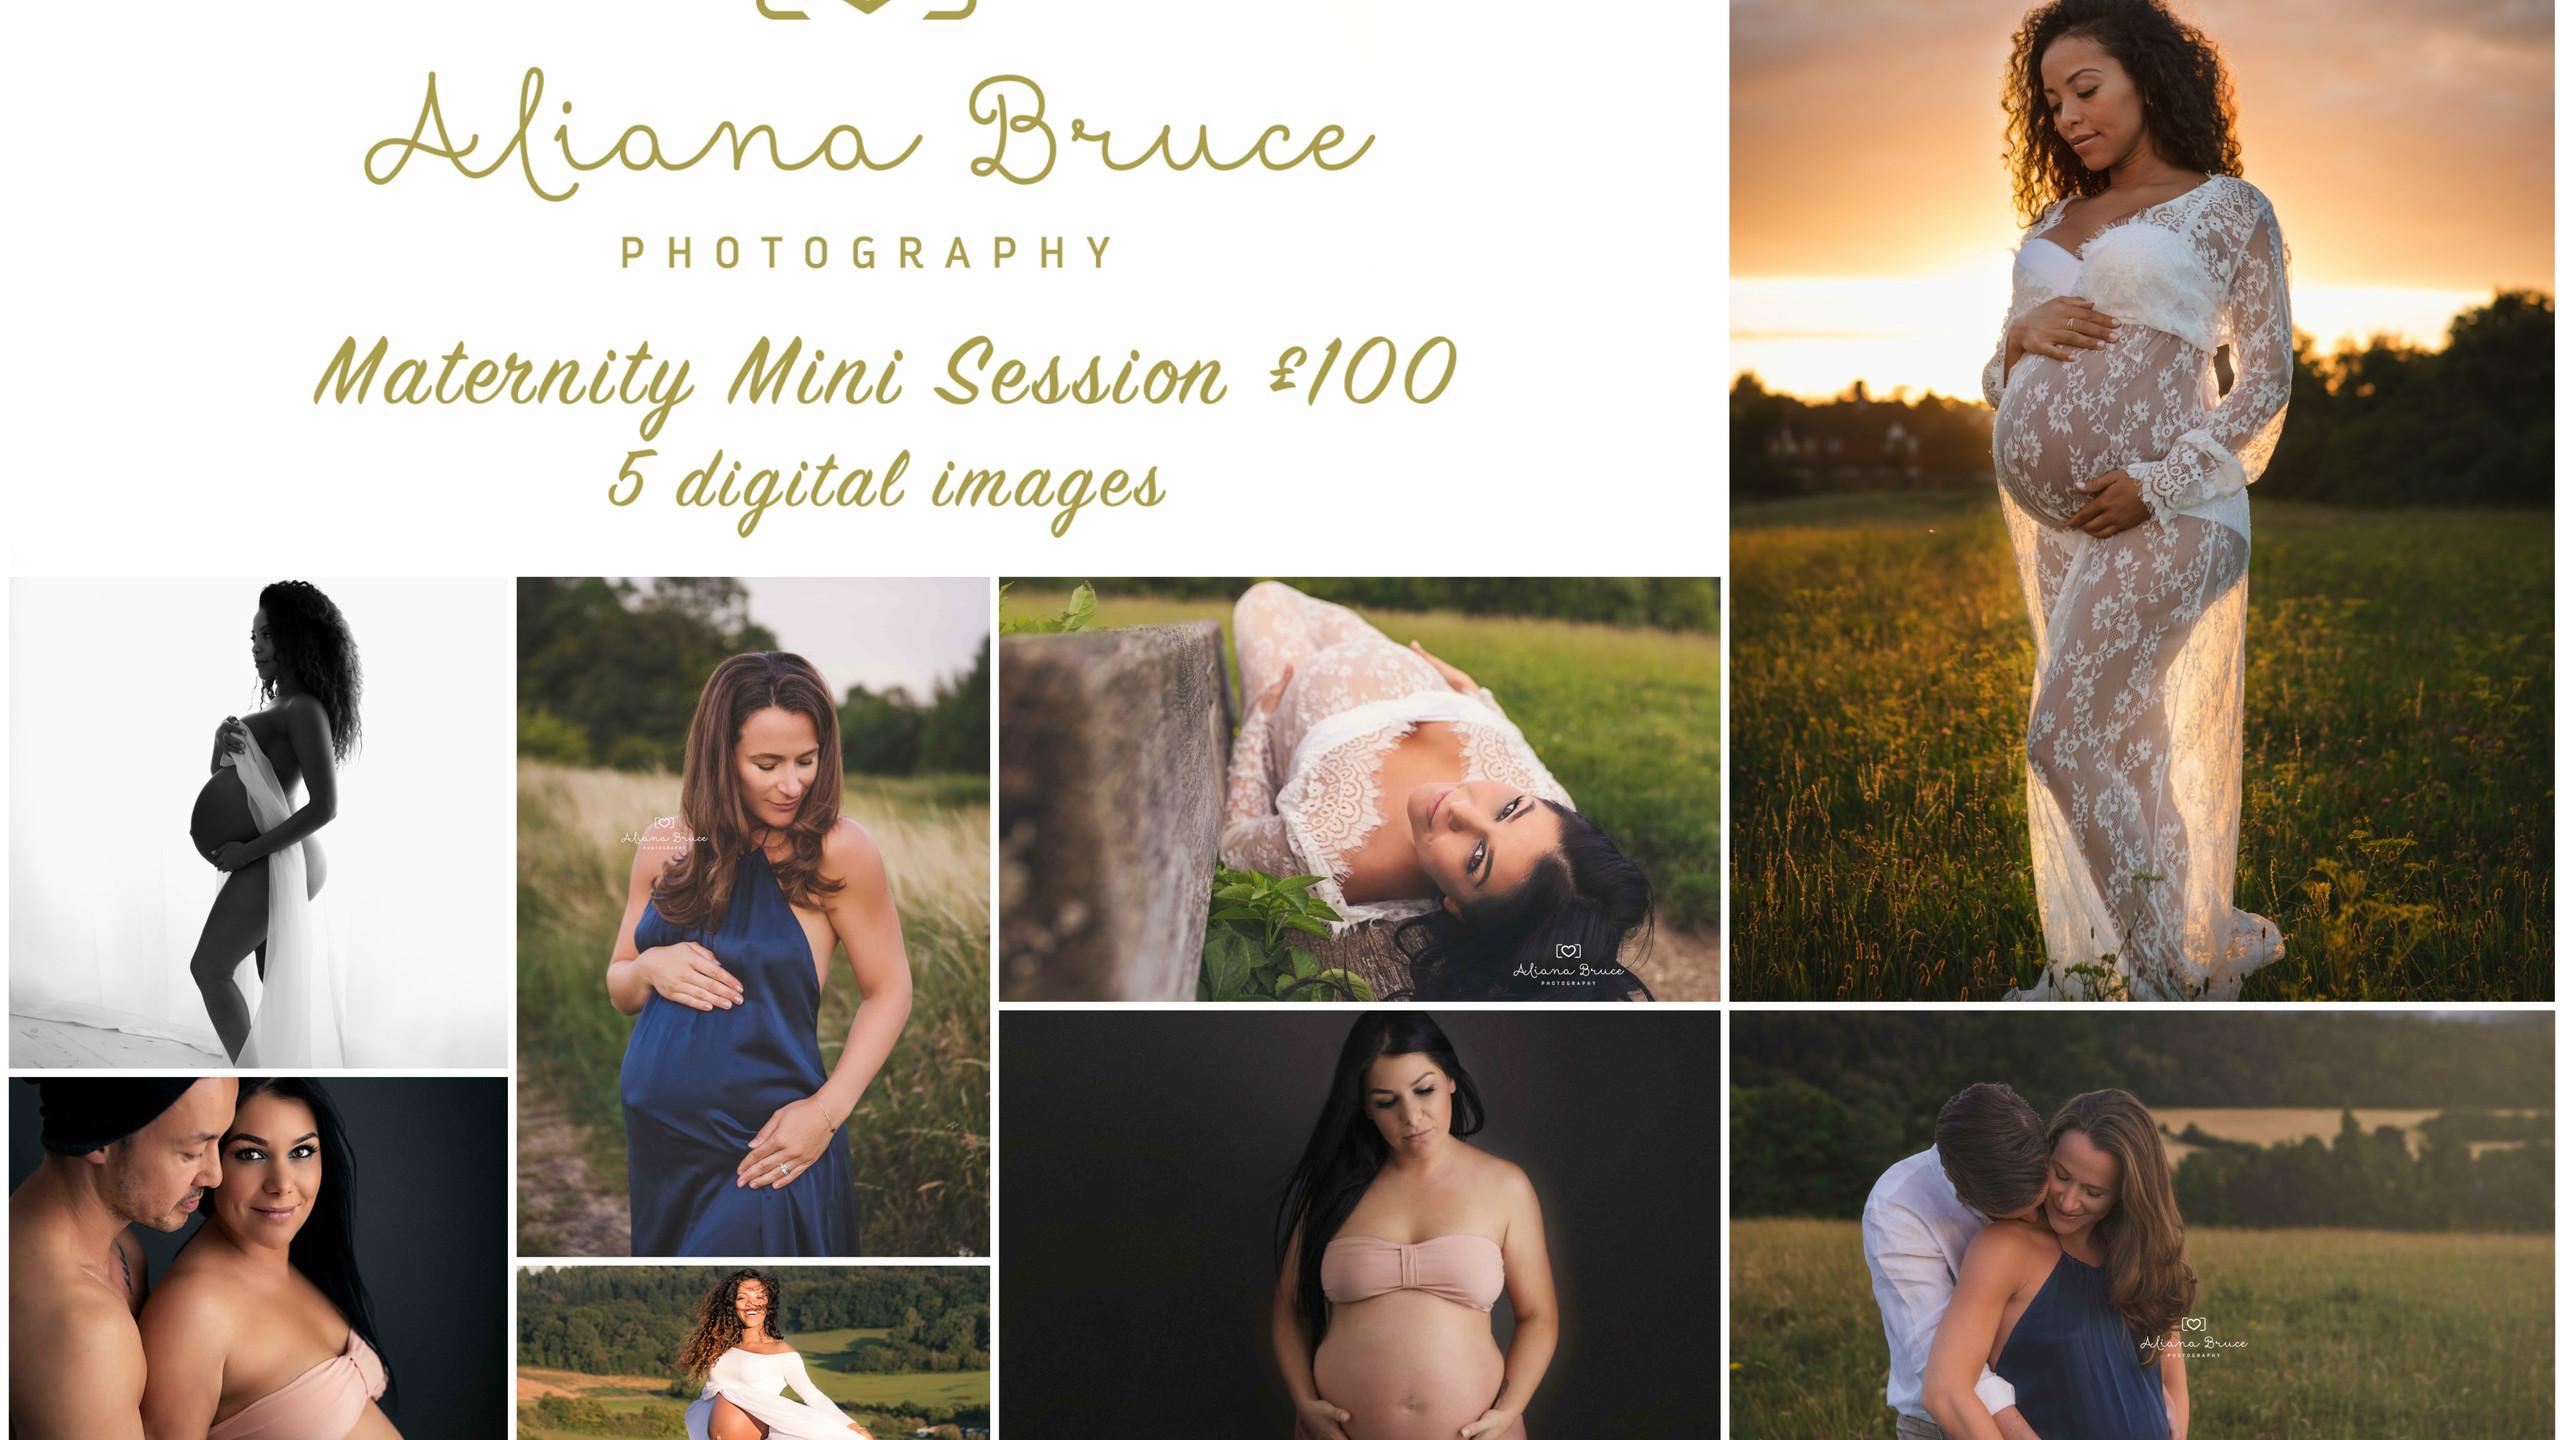 Maternity Mini Session Collage